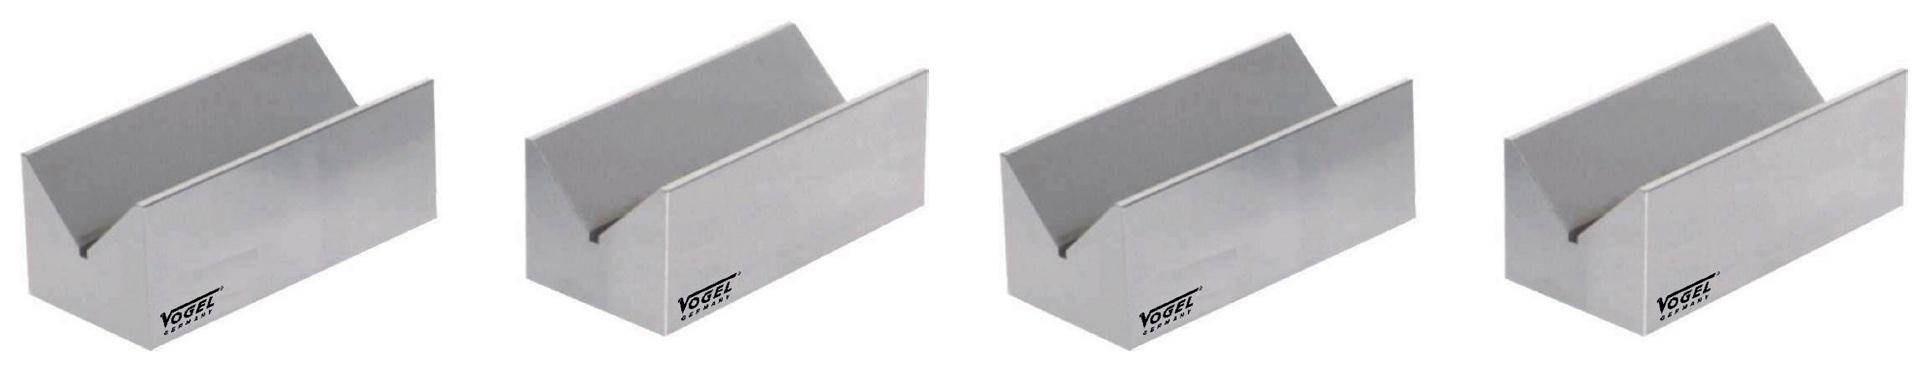 3332 khối chuẩn chữ V, V-block